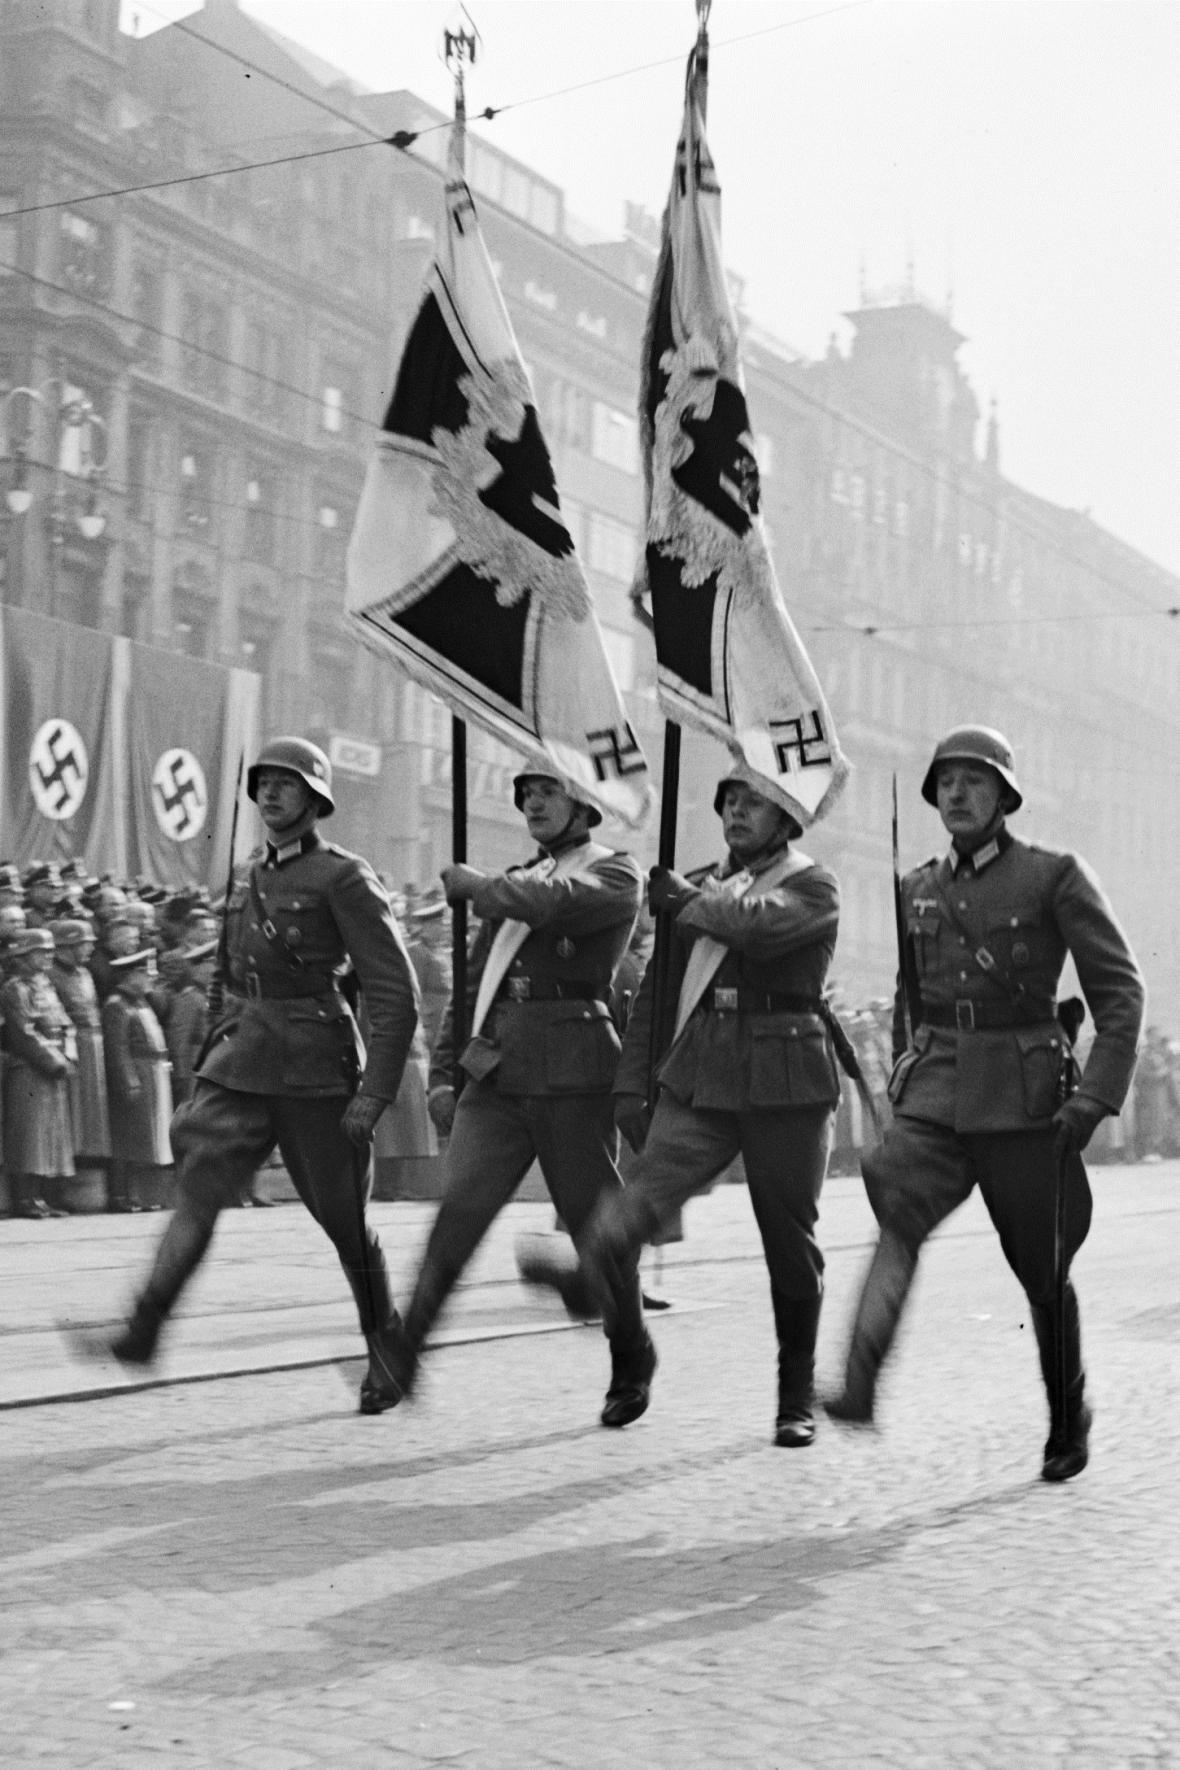 Přehlídka německých okupačních vojsk na Václavském náměstí